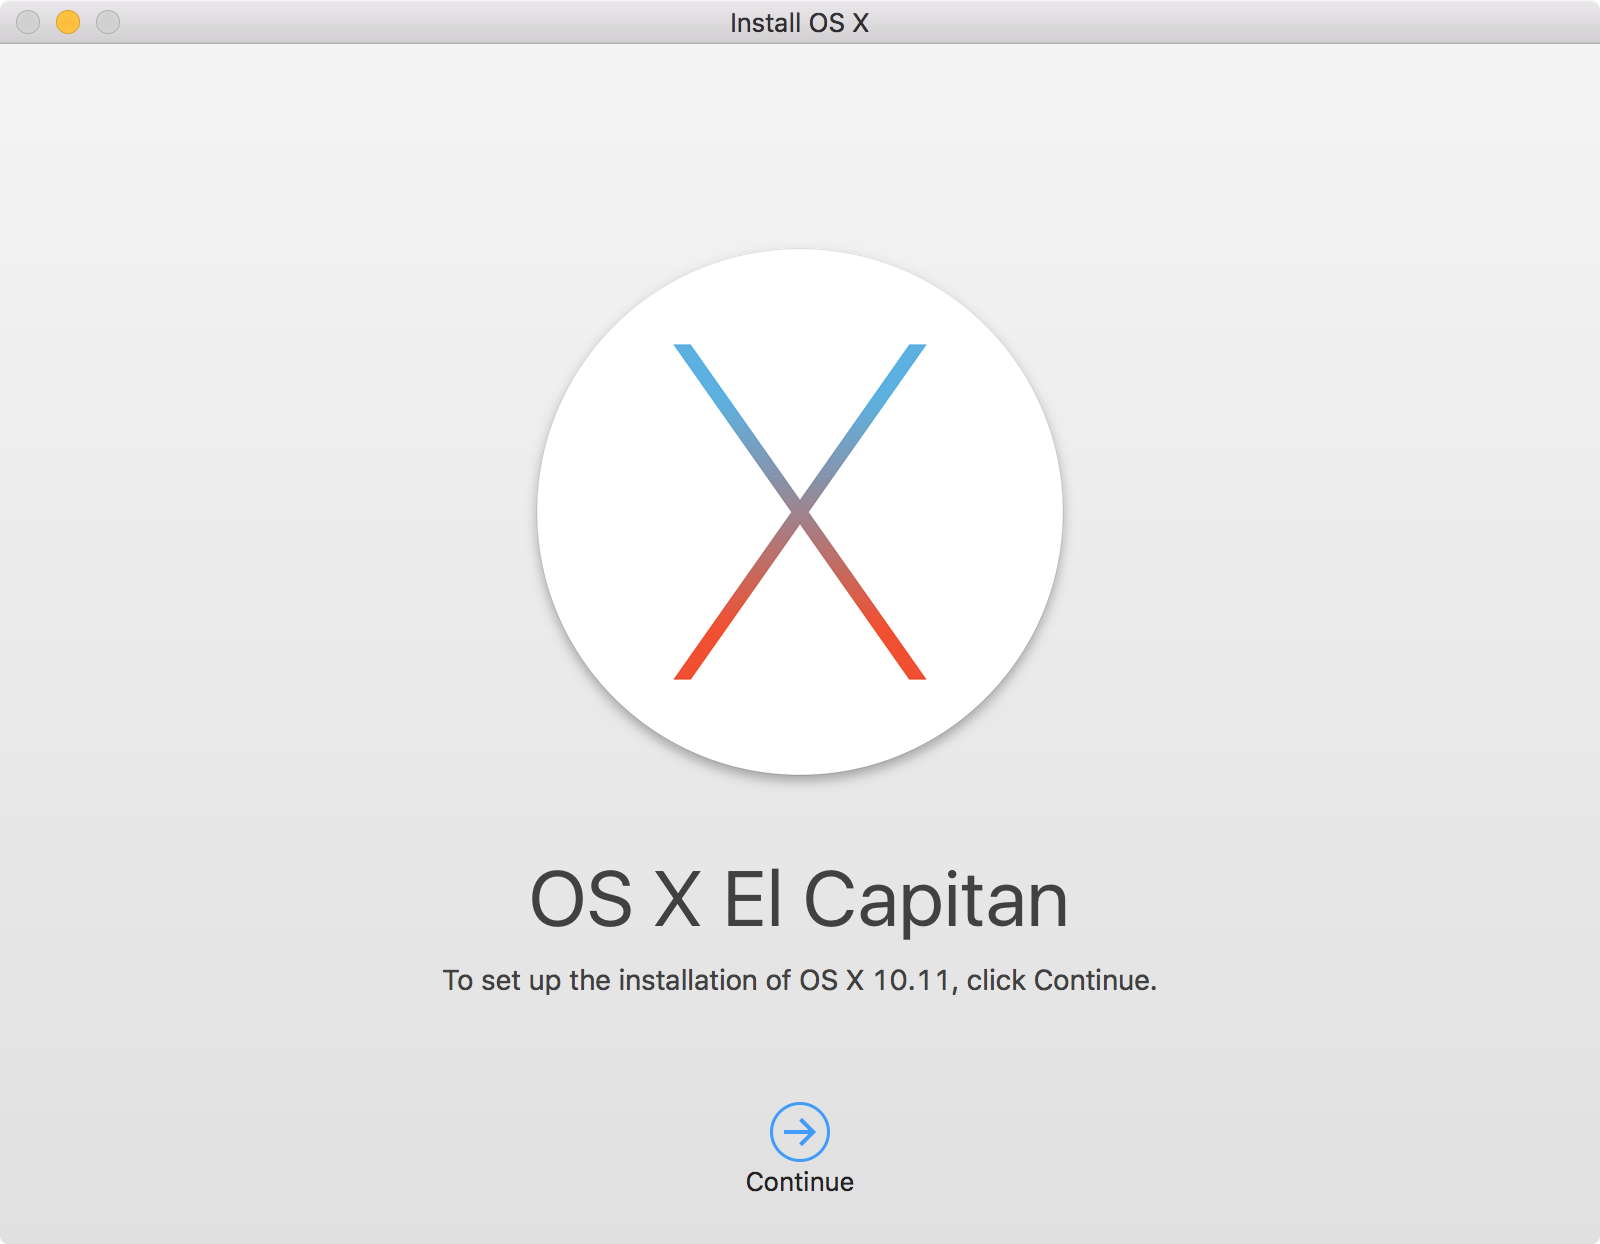 OS X El Capitan Installer